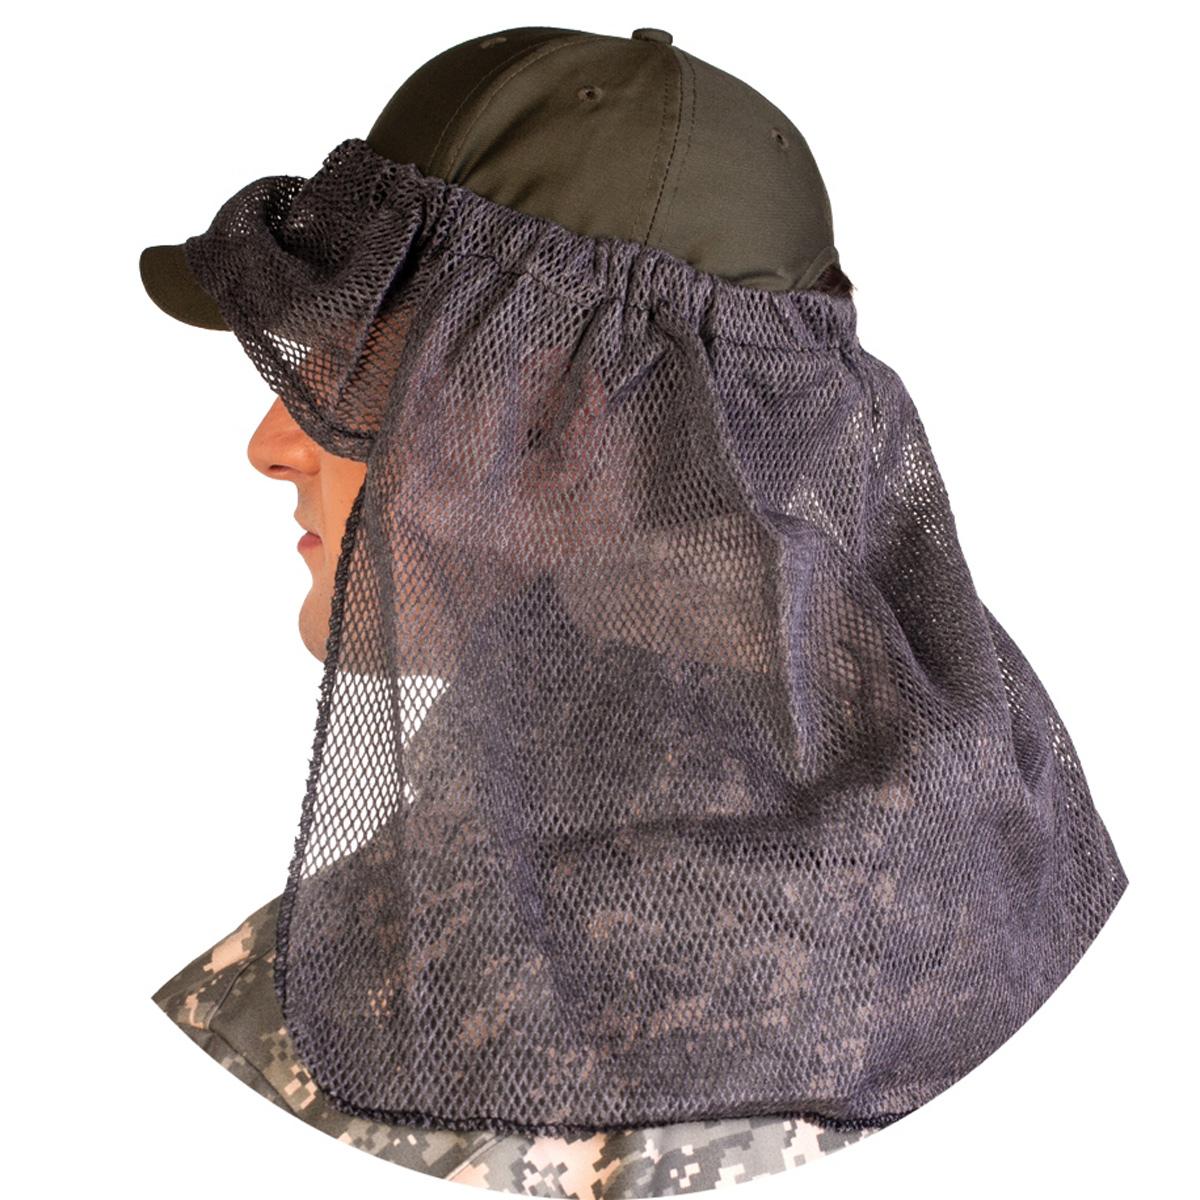 Бейсболка08/0/00Противомоскитные сетки применяются в комплекте с костюмом Биостоп ХБР для дополнительной защиты от комаров и гнуса. Надевается на капюшон защитного костюма или на головной убор. Состоит из налобника и пелерины. По верхнему краю сетка стягивается тесьмой эластичной, поэтому она универсальна для всех размеров обхвата